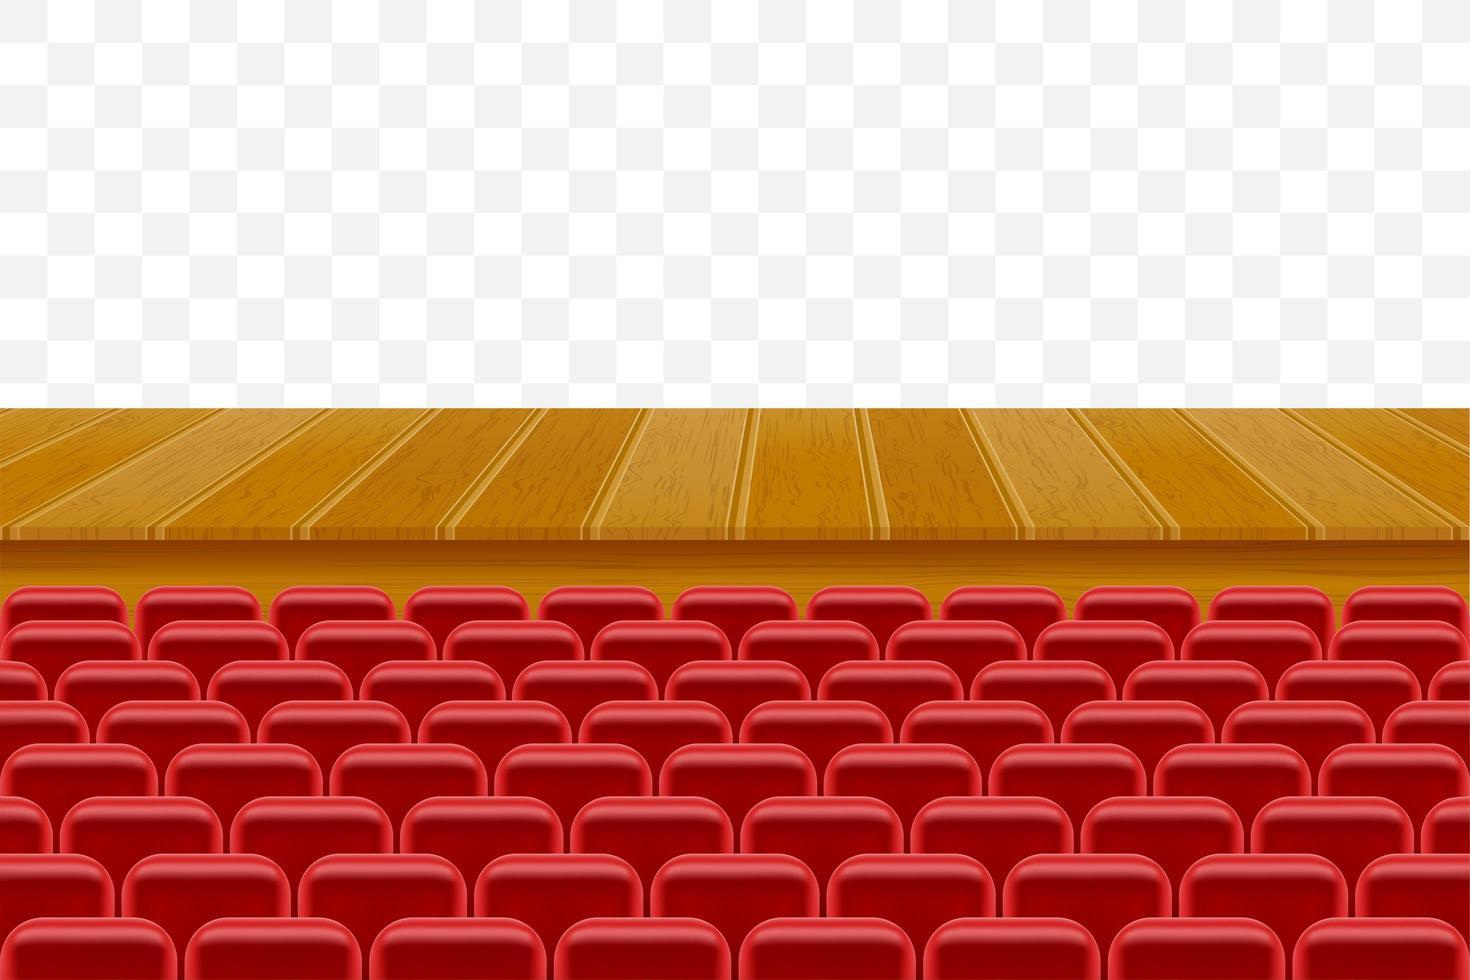 palcoscenico con posti a sedere per gli spettatori vettore